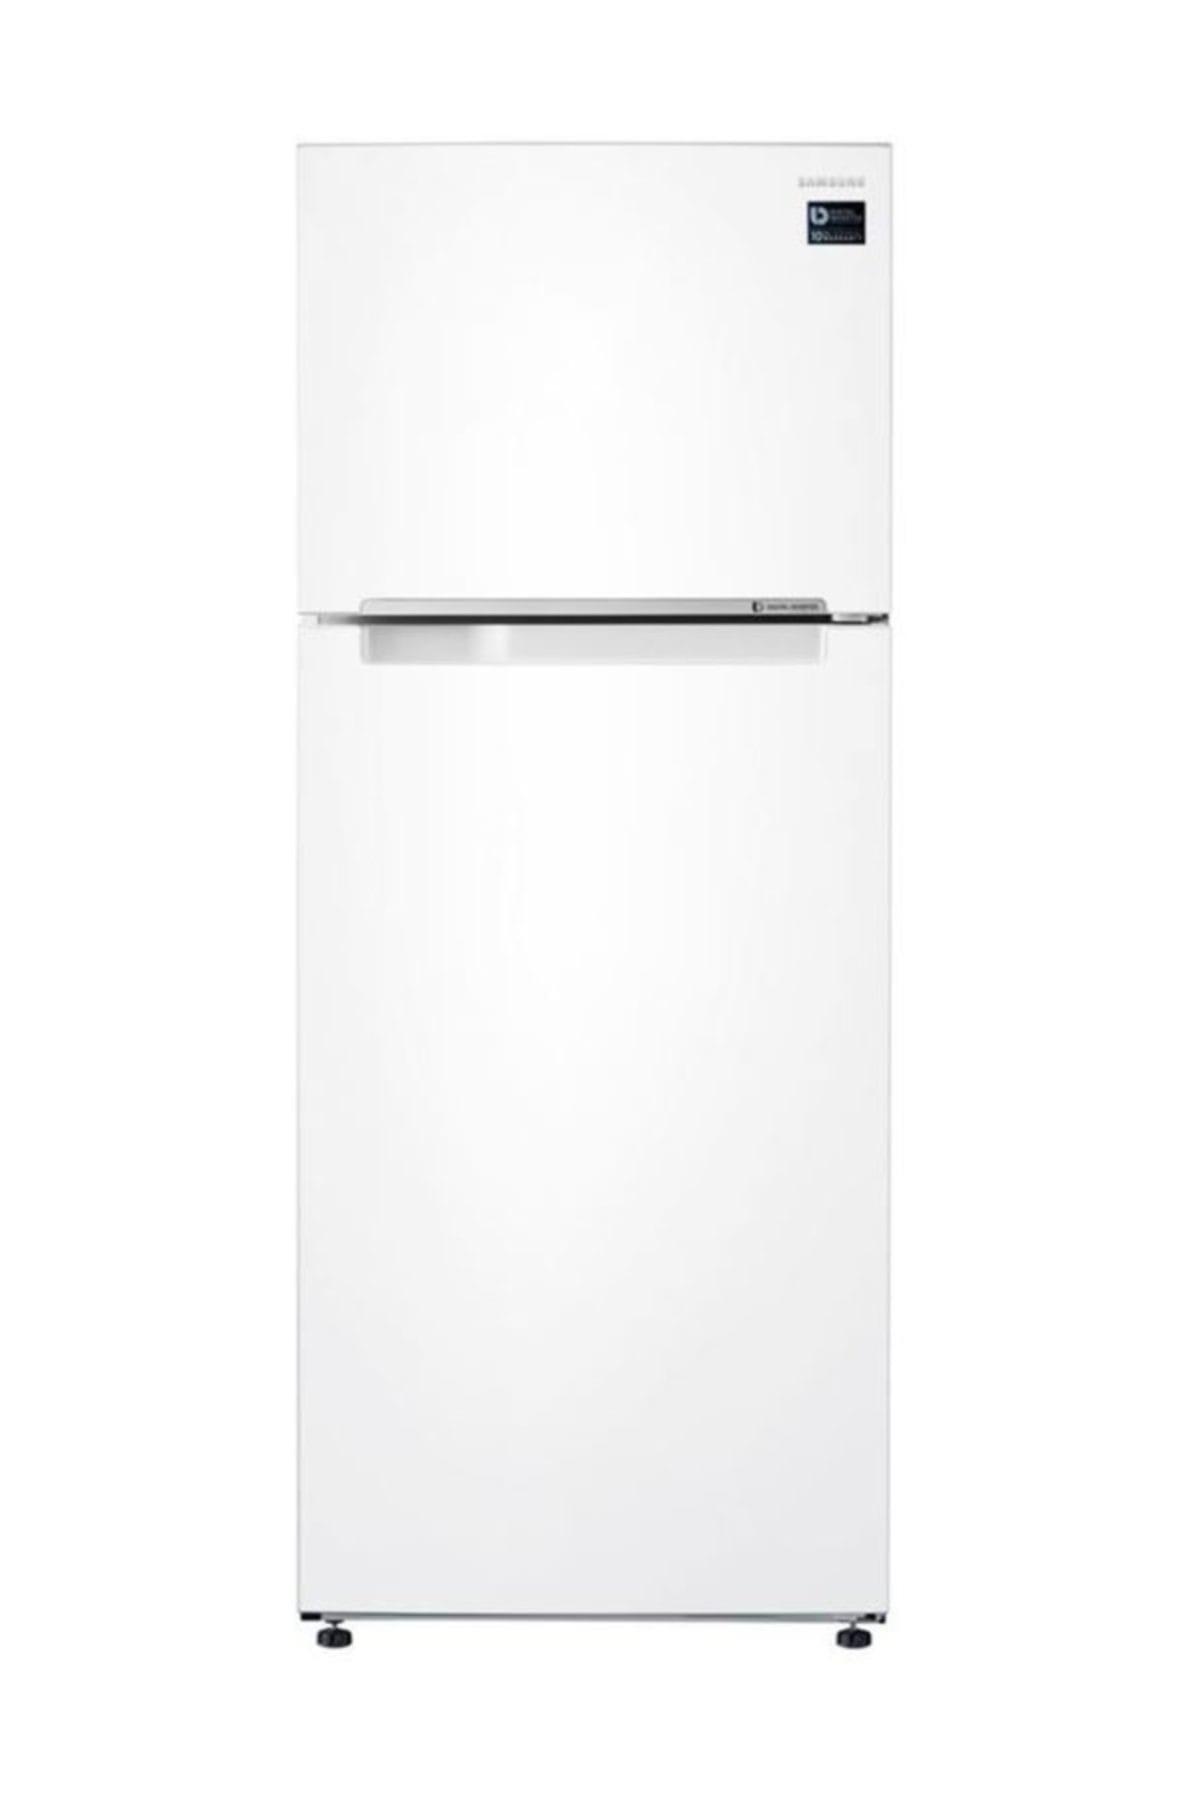 Samsung RT43K6000WW Çift Kapılı No-Frost Buzdolabı 1